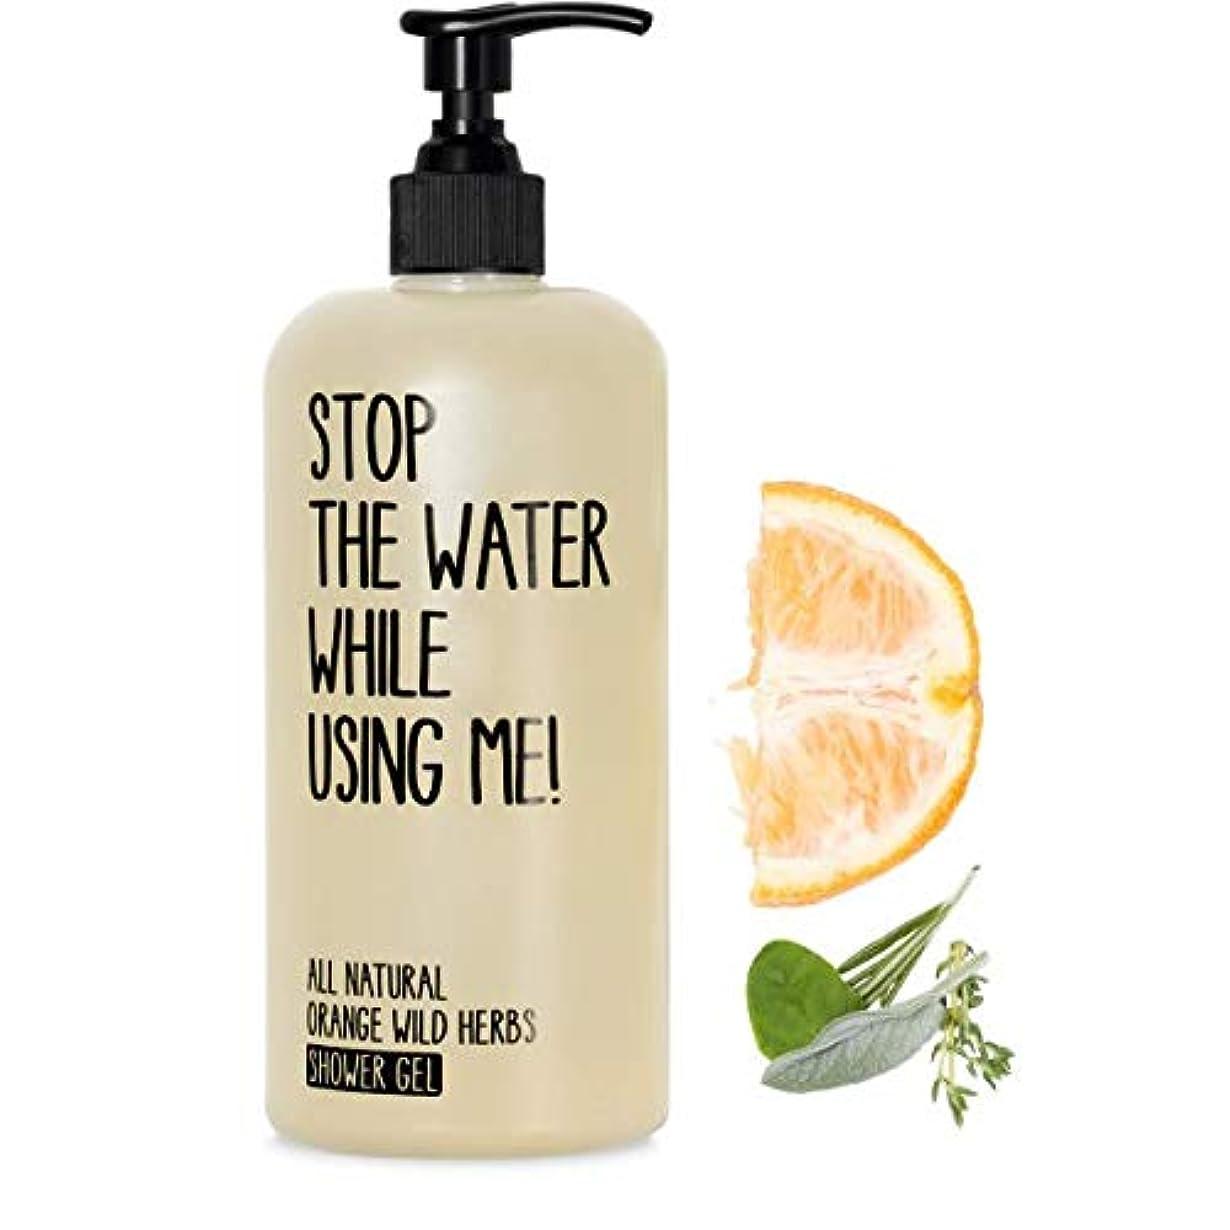 思いやりのあるウィザードニックネーム【STOP THE WATER WHILE USING ME!】 O&WHシャワージェル(オレンジ&ワイルドハーブ) 200ml